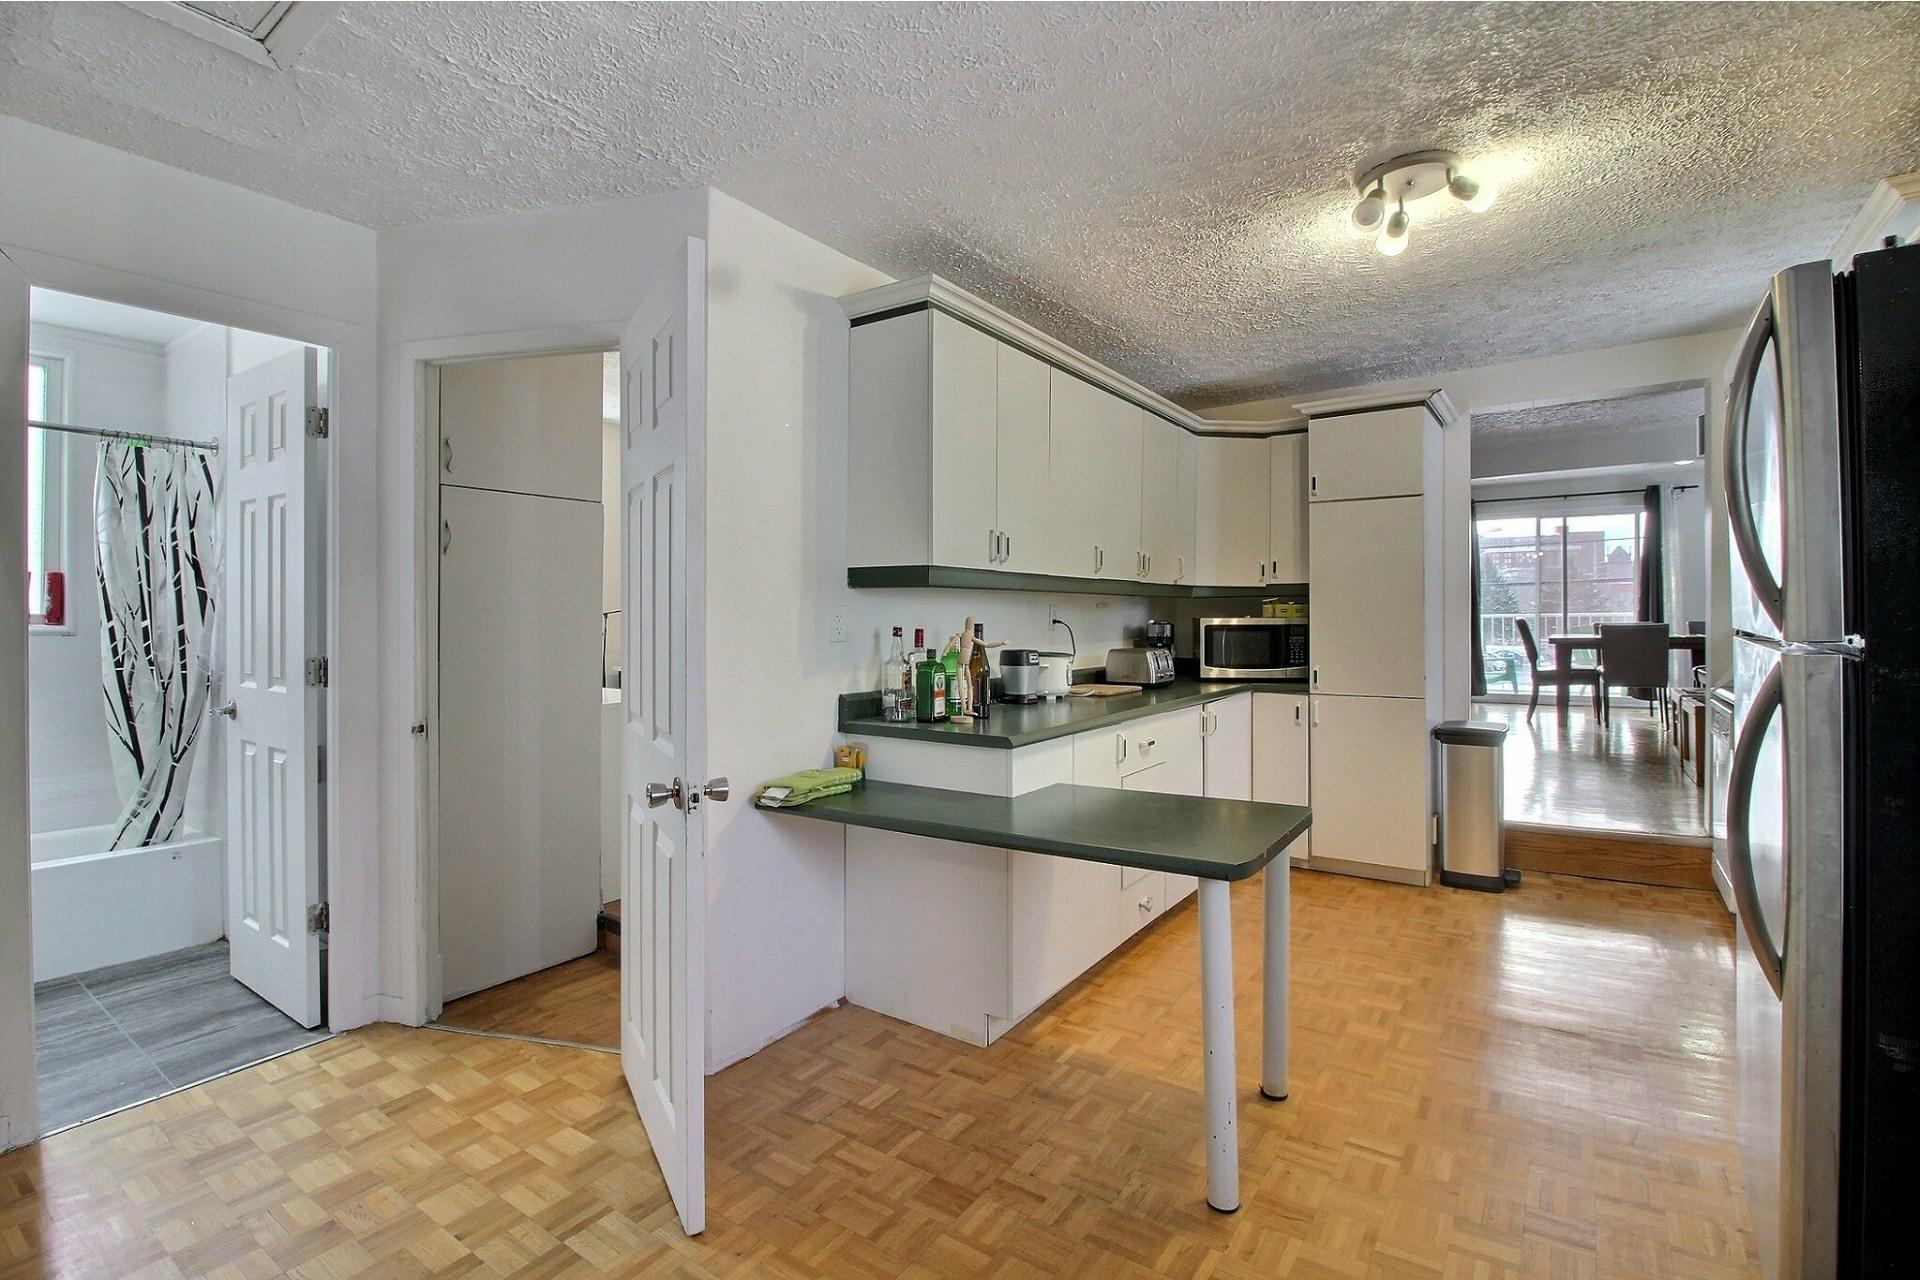 image 13 - Duplex À vendre Fleurimont Sherbrooke  - 4 pièces